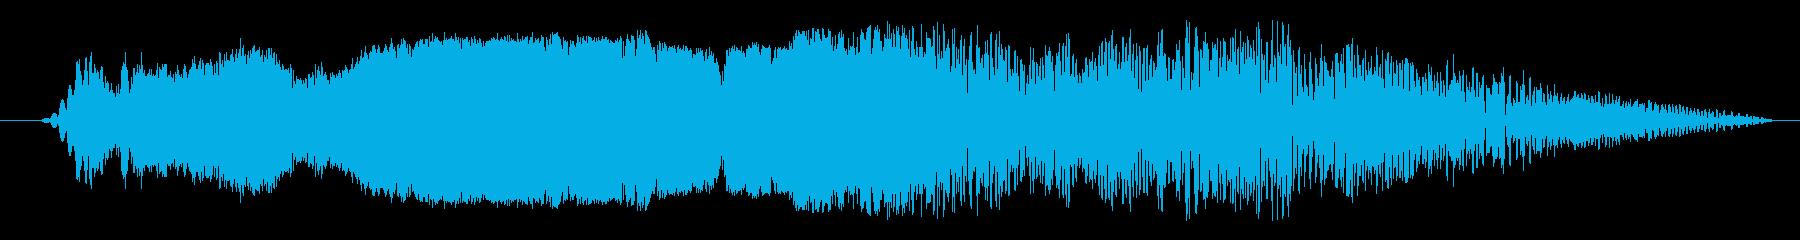 強_ジャキーン系_告知音系_11の再生済みの波形